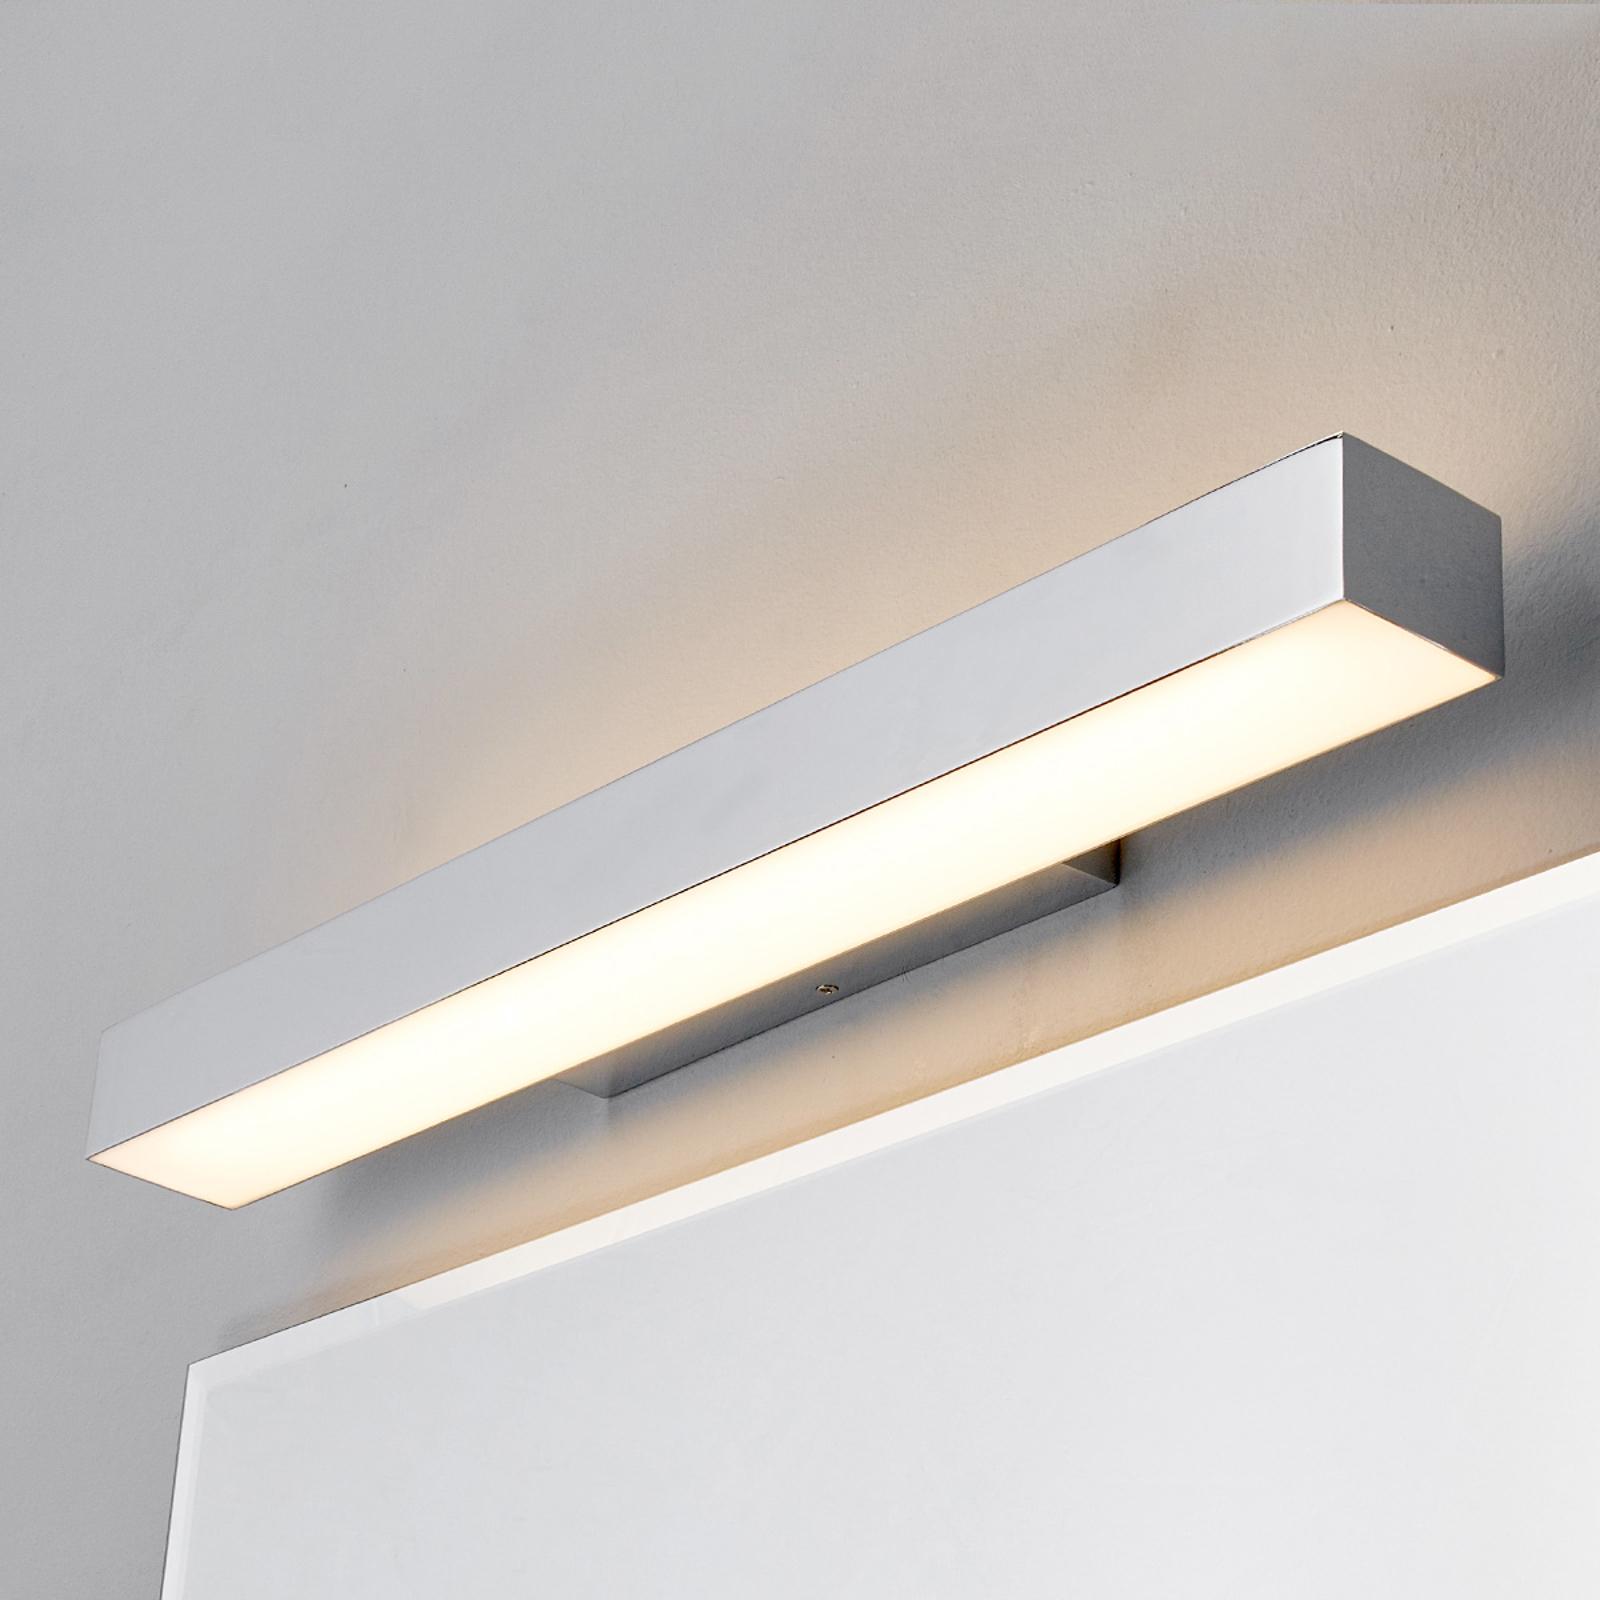 Applique per bagno con LED Kiana cromo